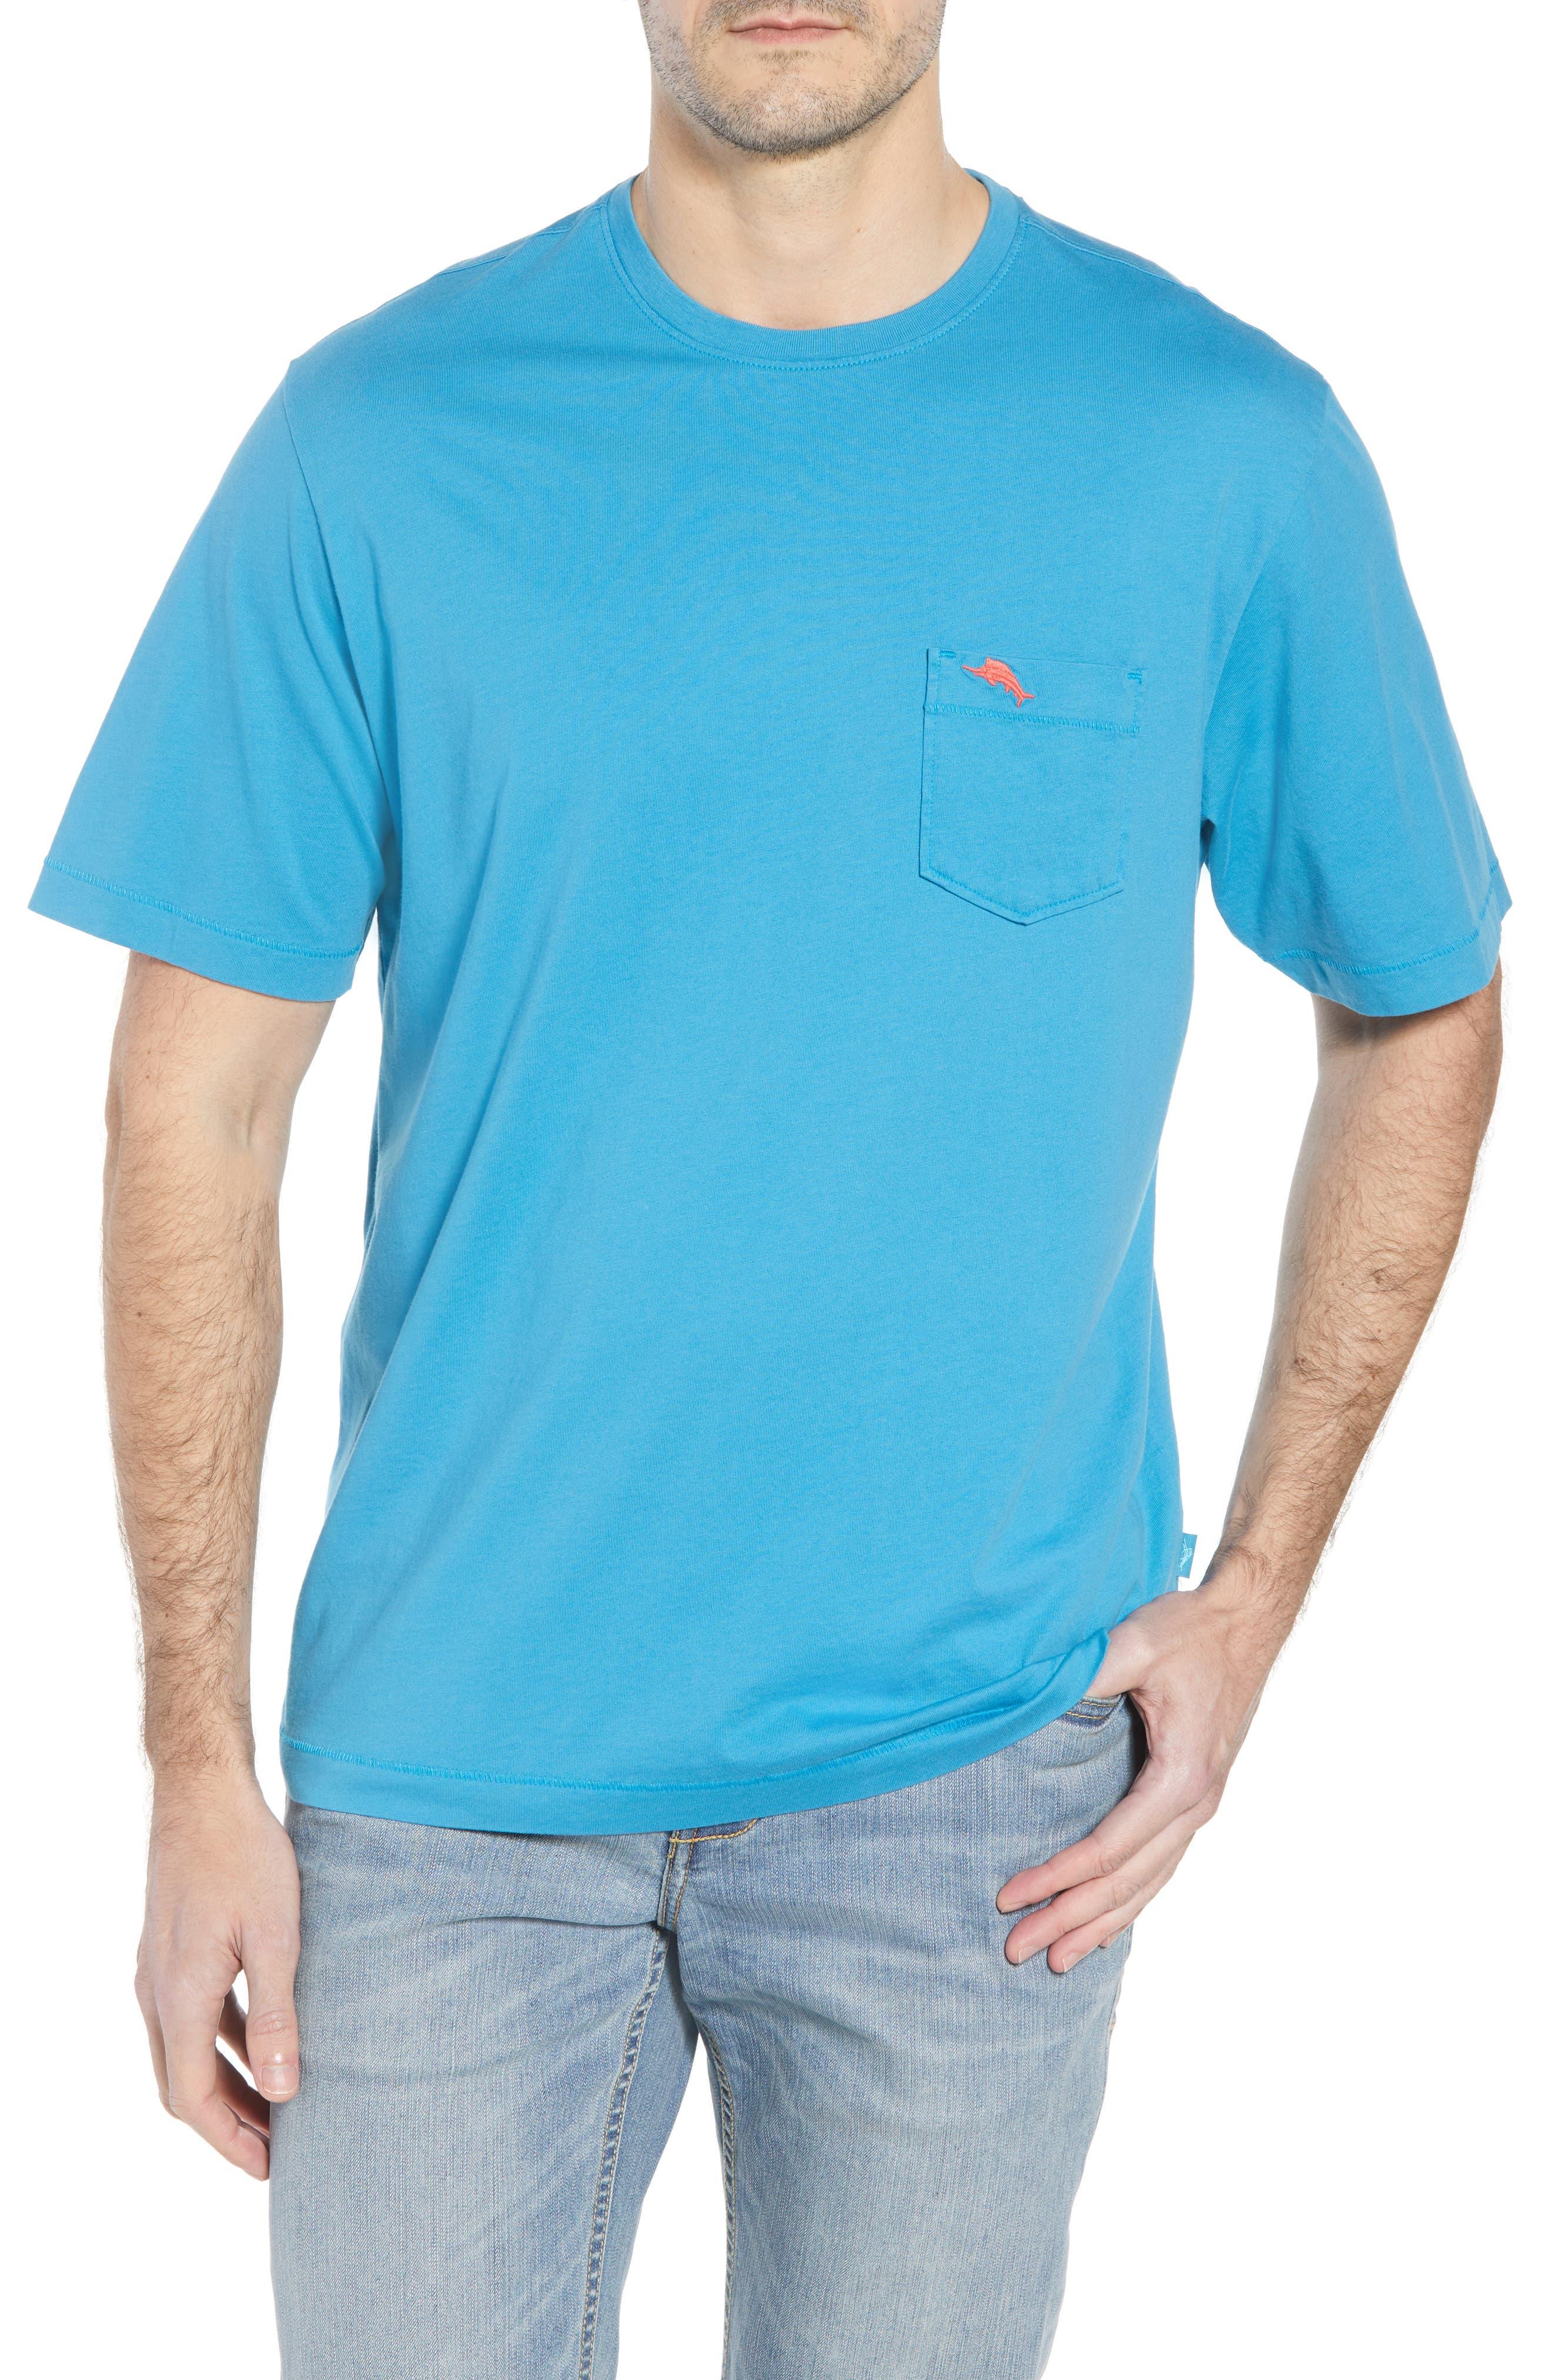 TOMMY BAHAMA New Bali Sky Pima Cotton Pocket T-Shirt, Main, color, 410